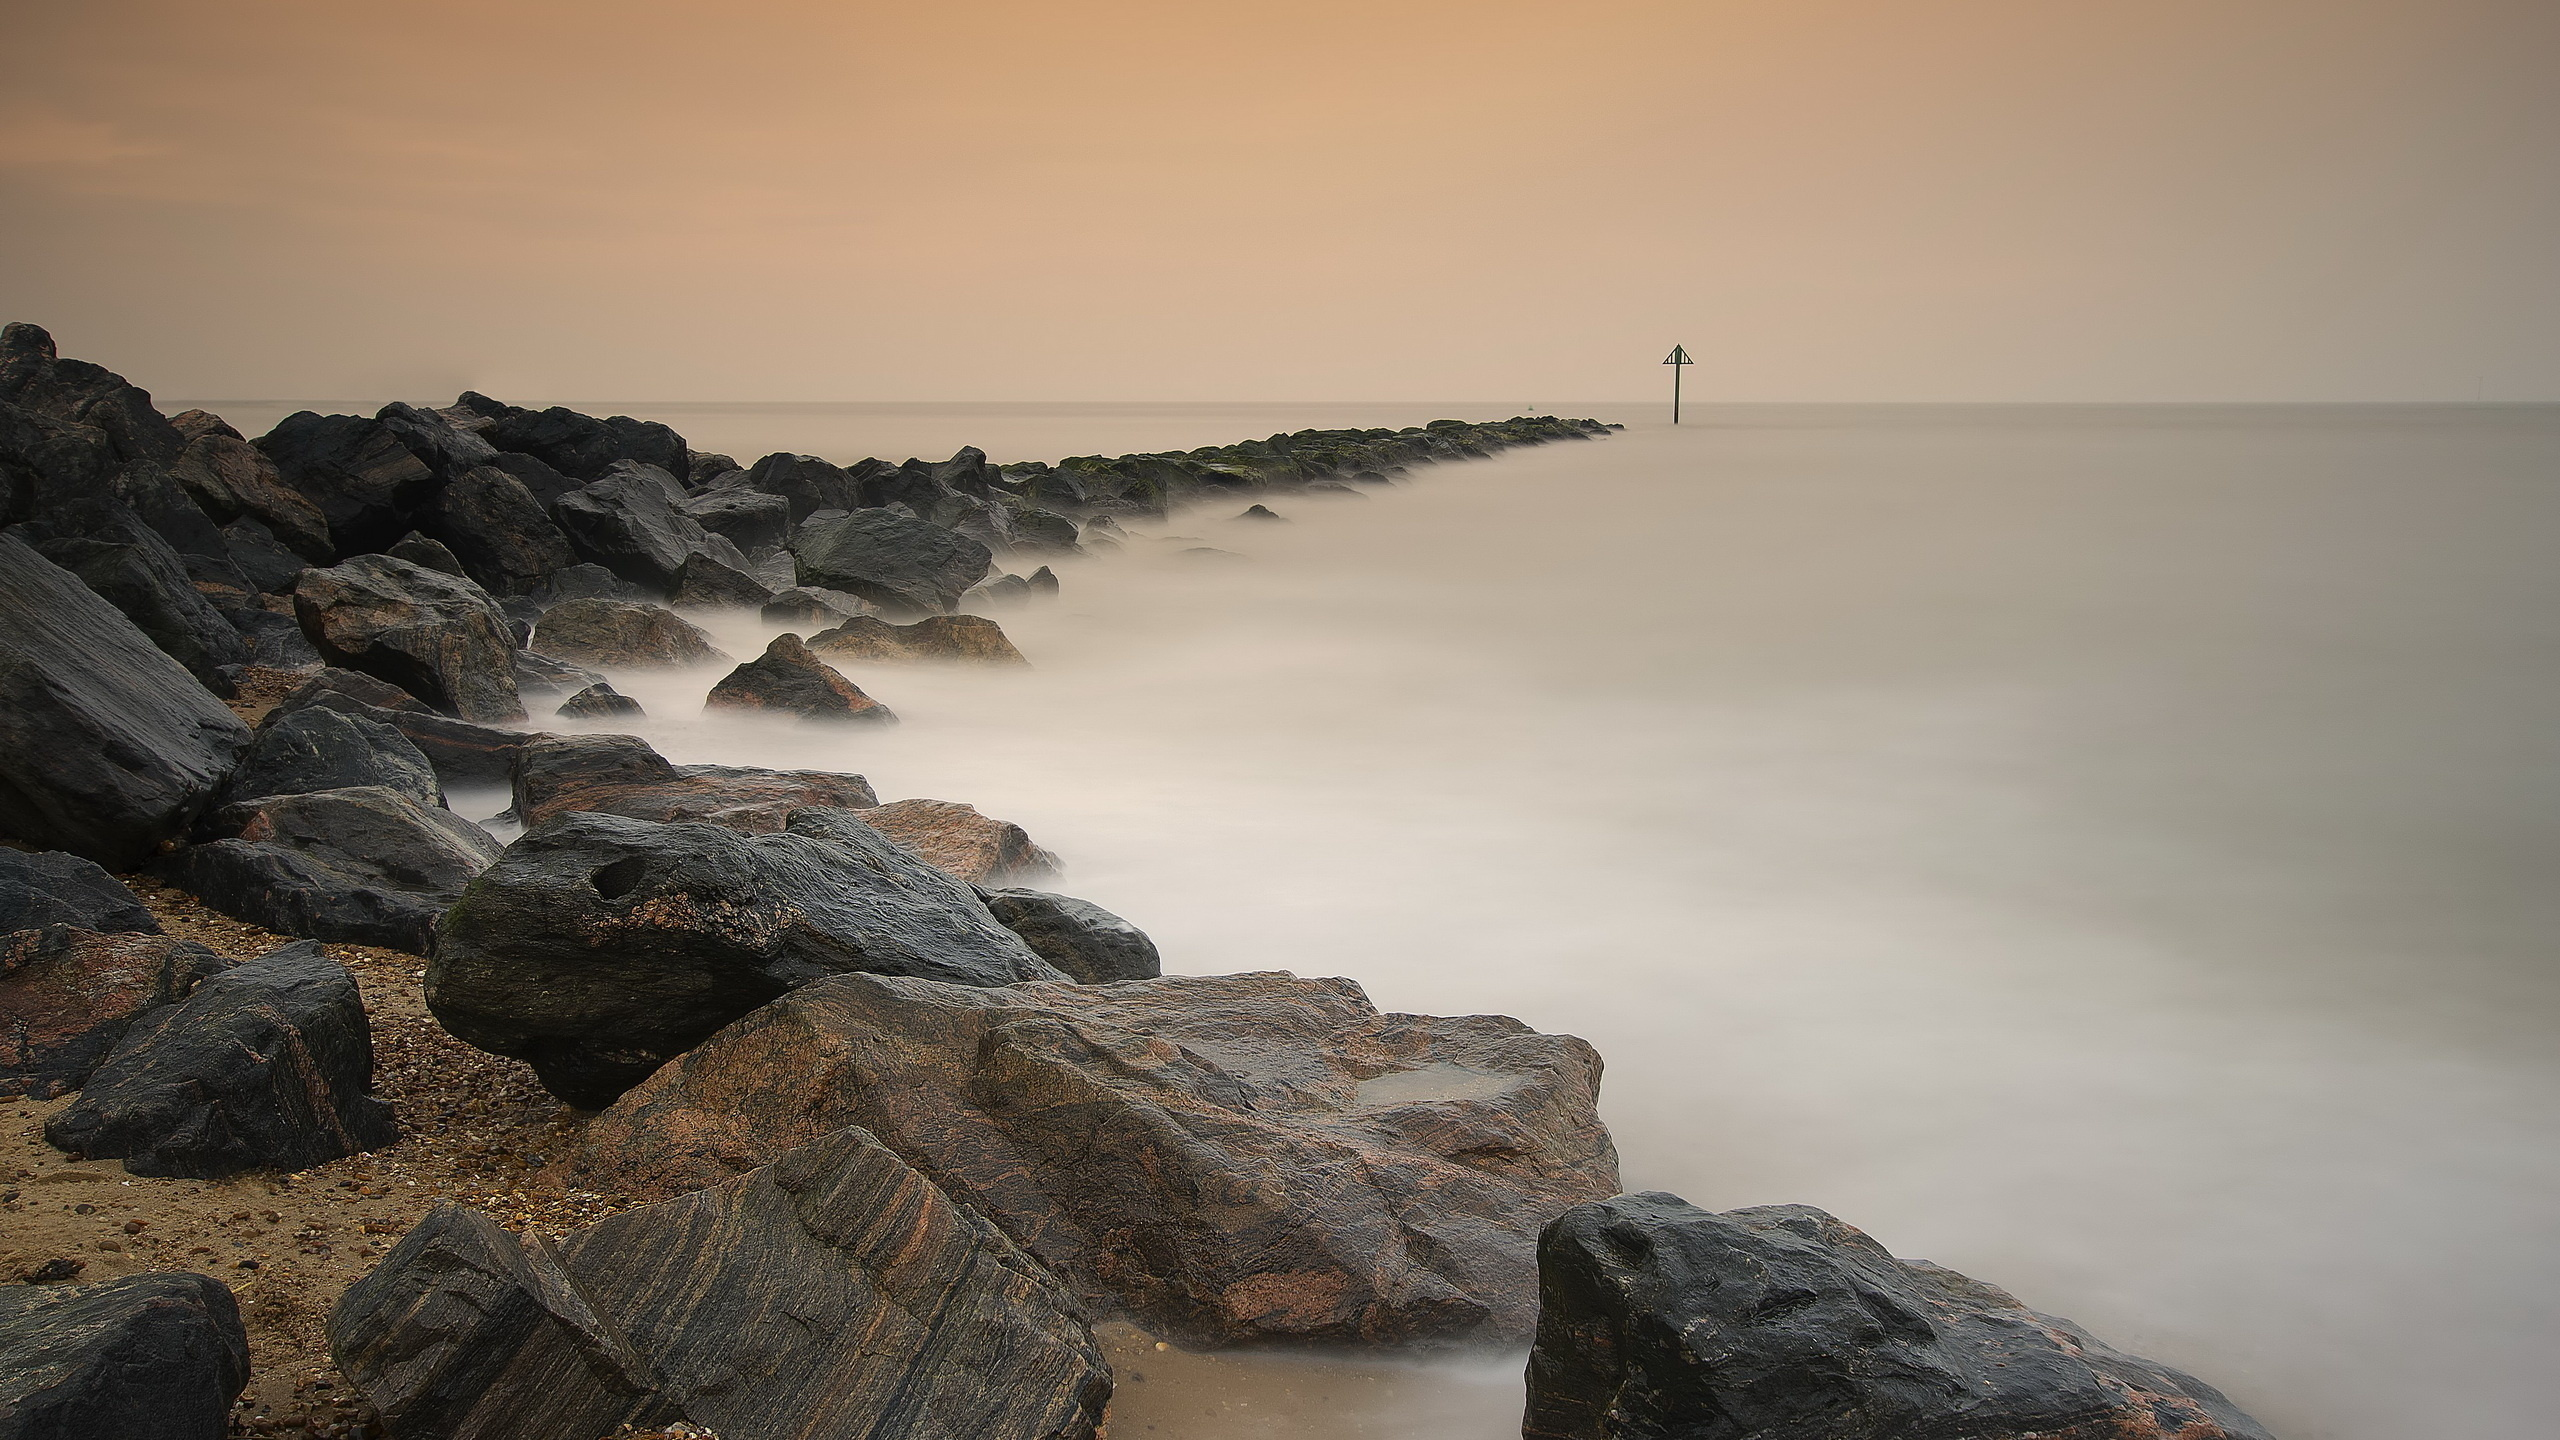 Морской пейзаж море берег камни